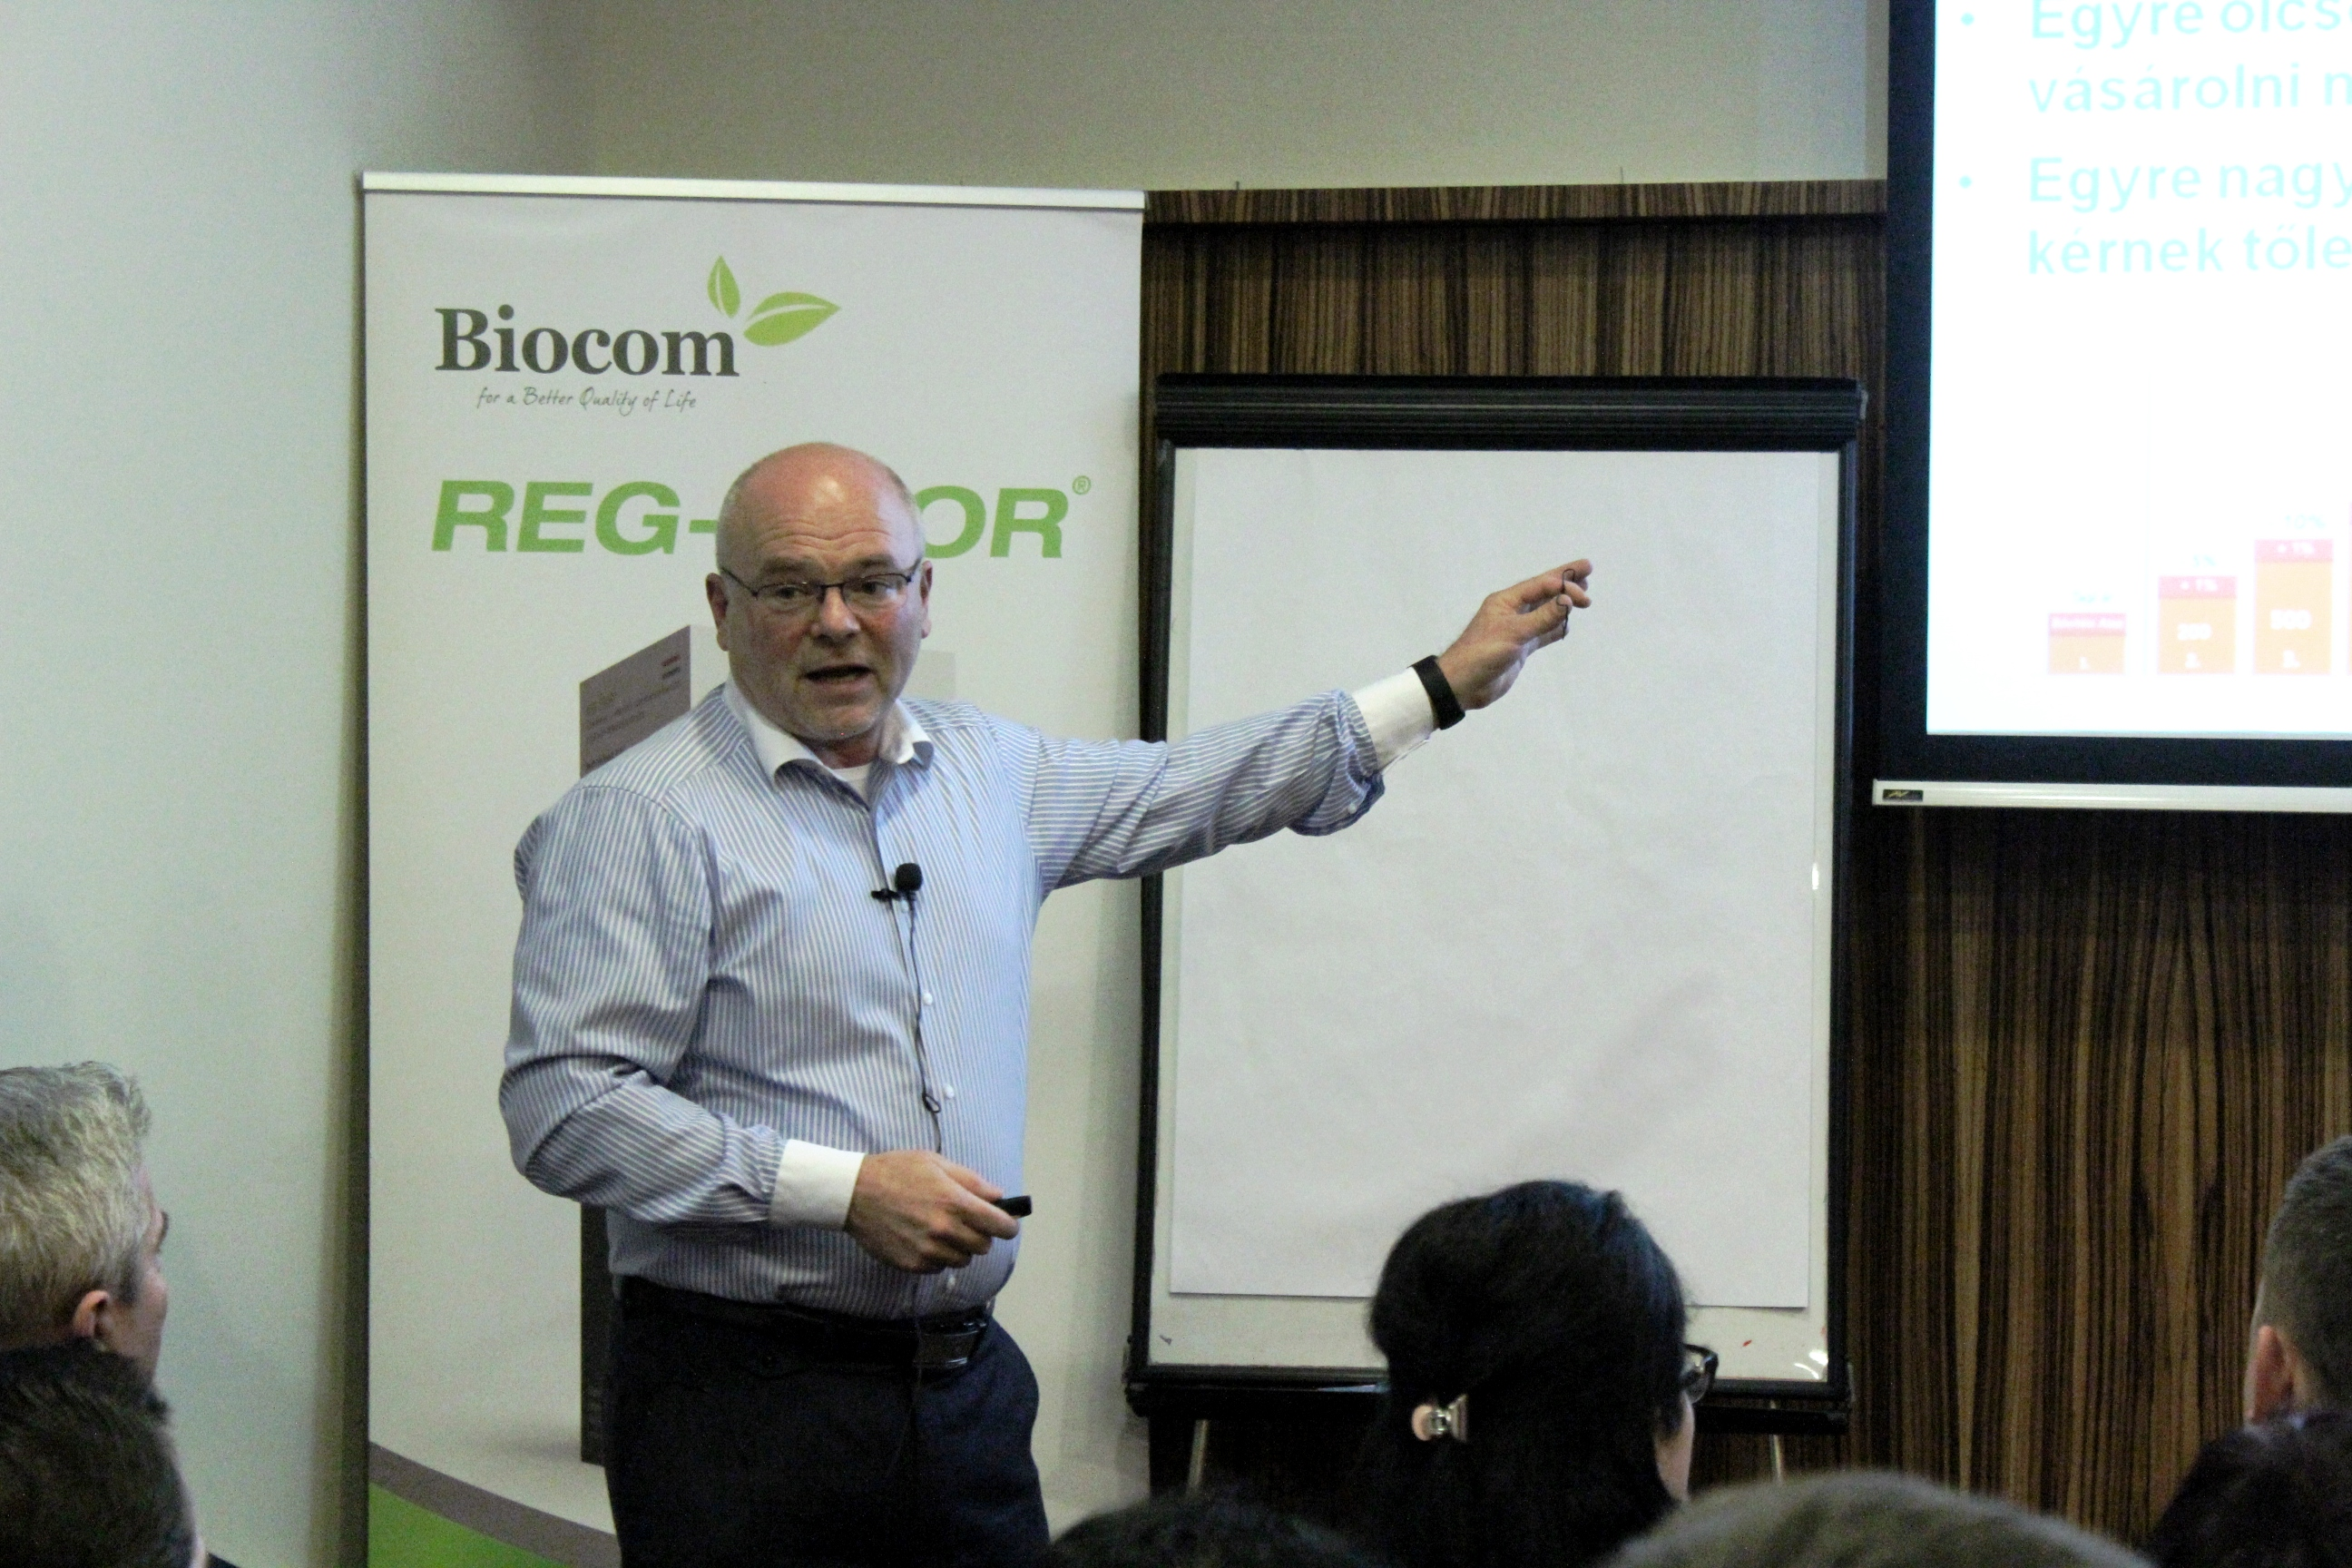 Kónya György azt javasolja, tegyük a Biocomot a felső polcra